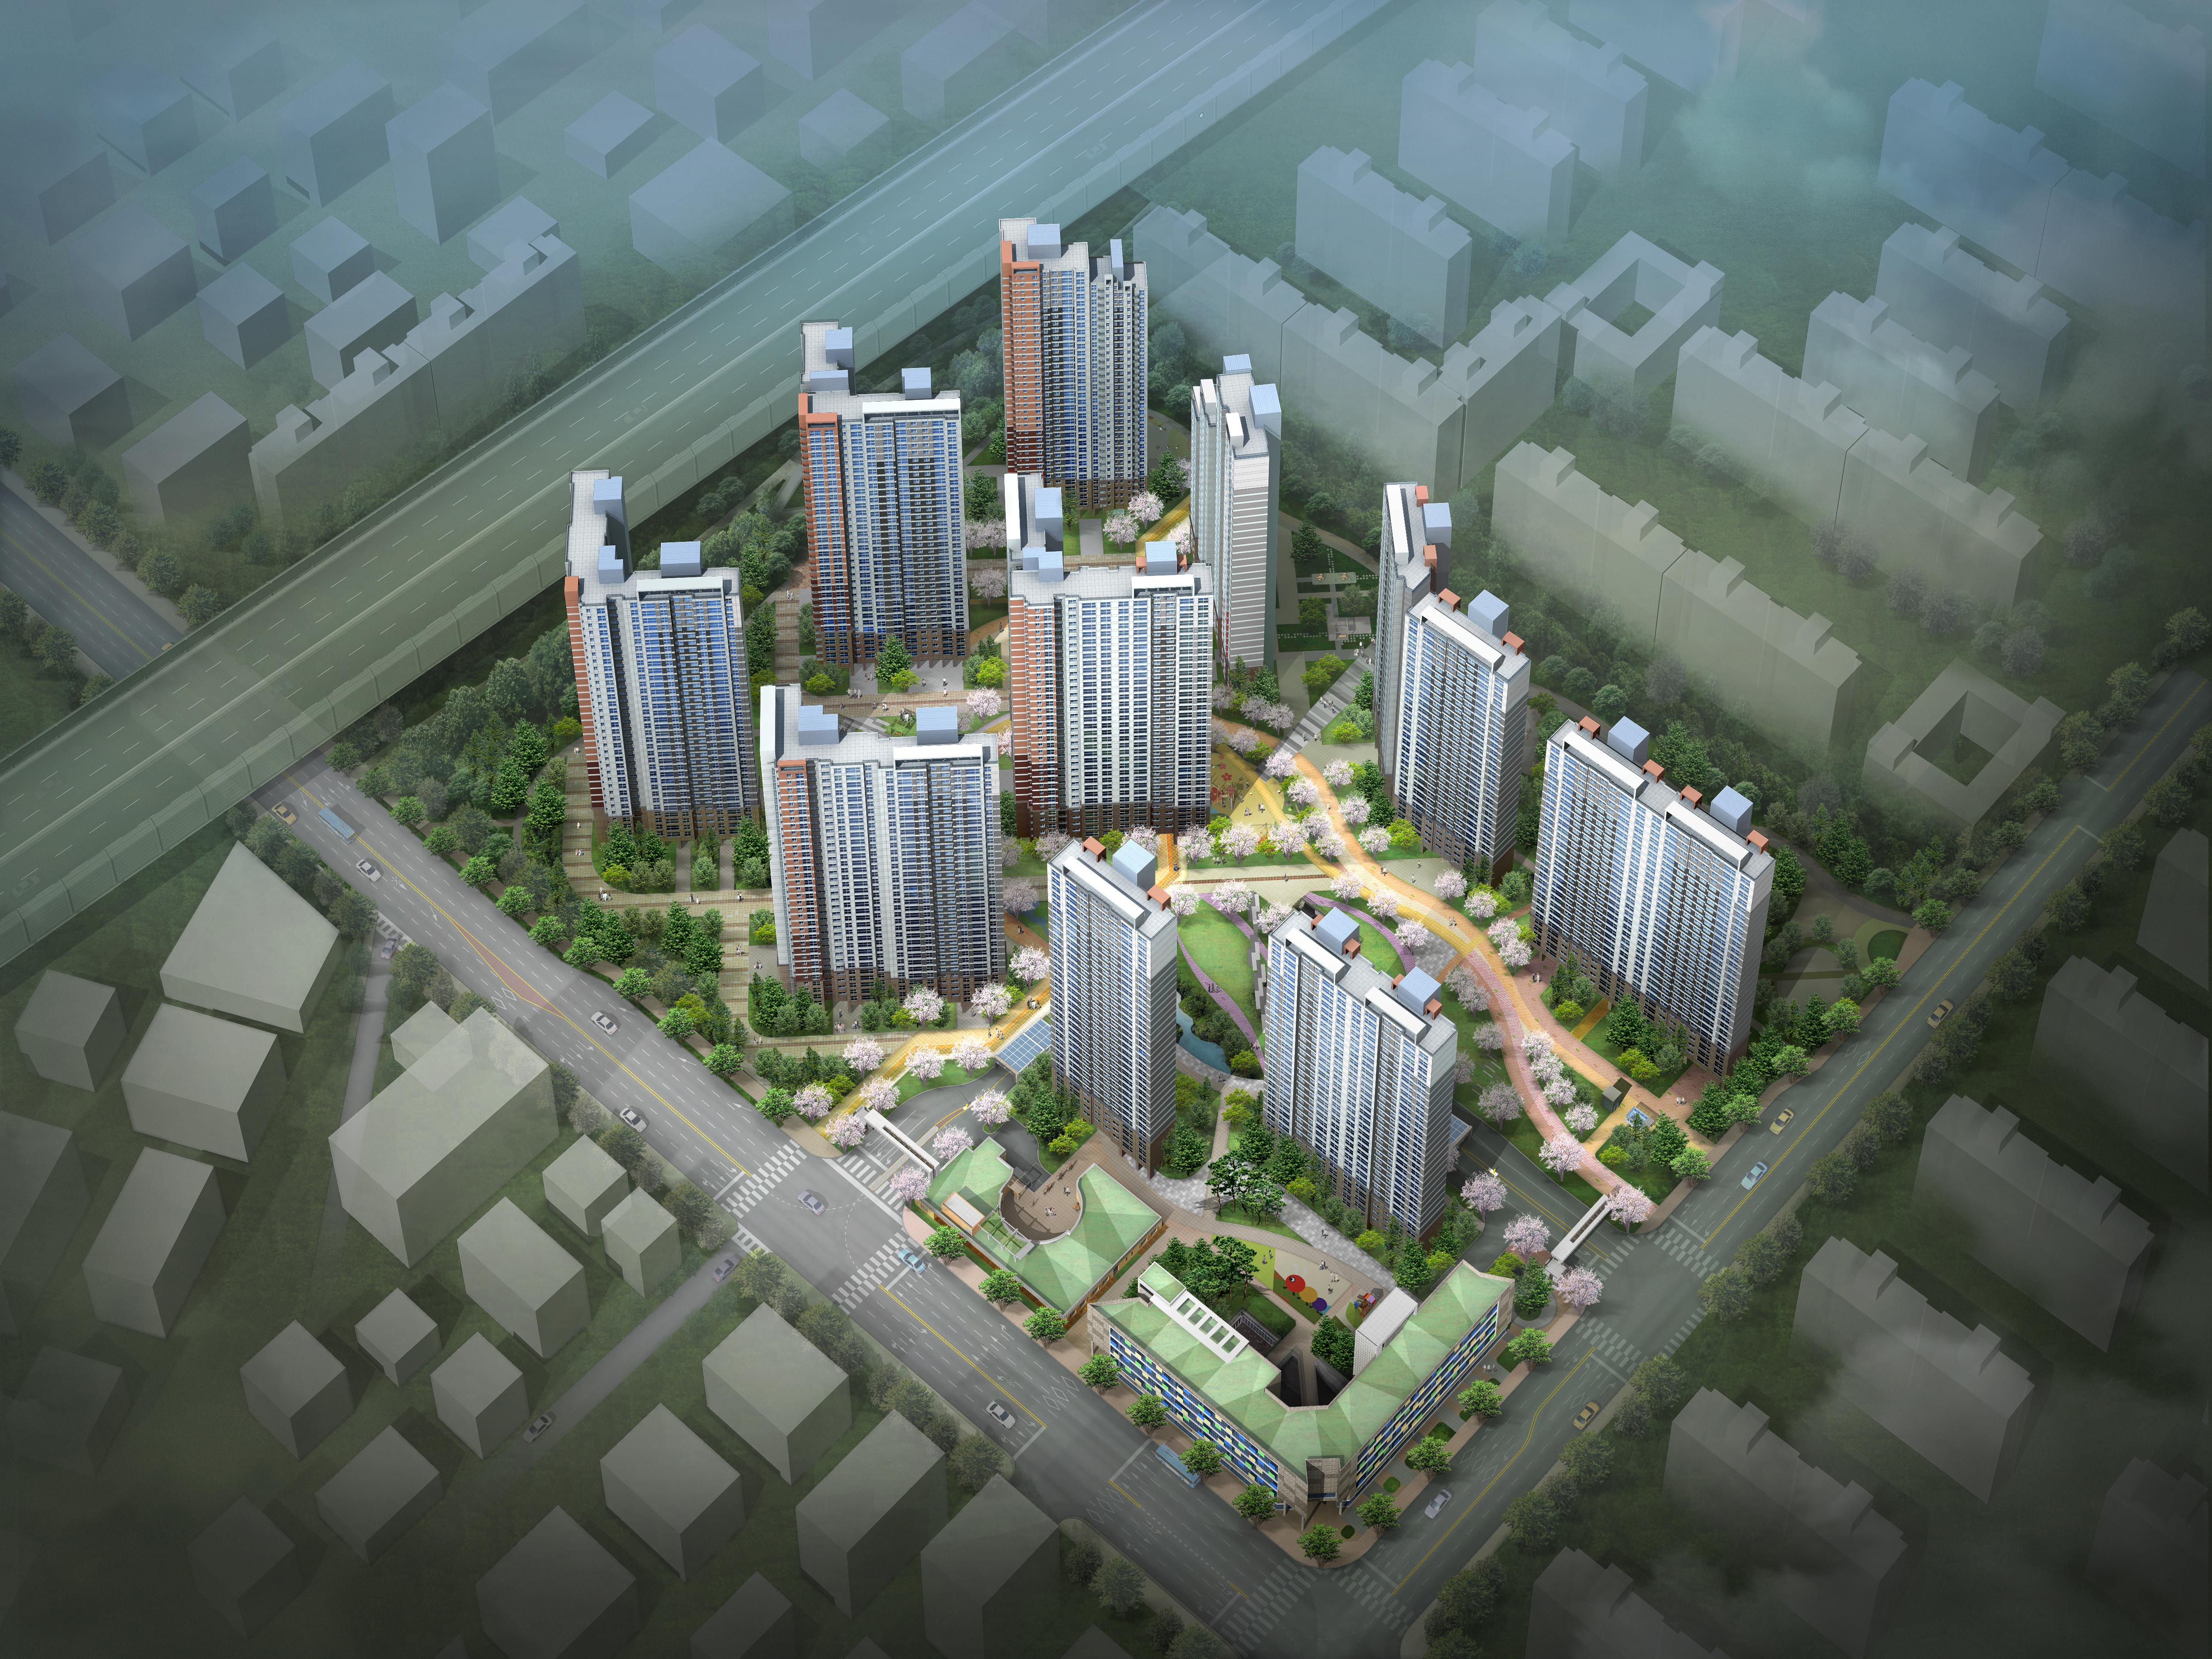 01_30.서초동 무지개아파트 재건축정비사업(2013)